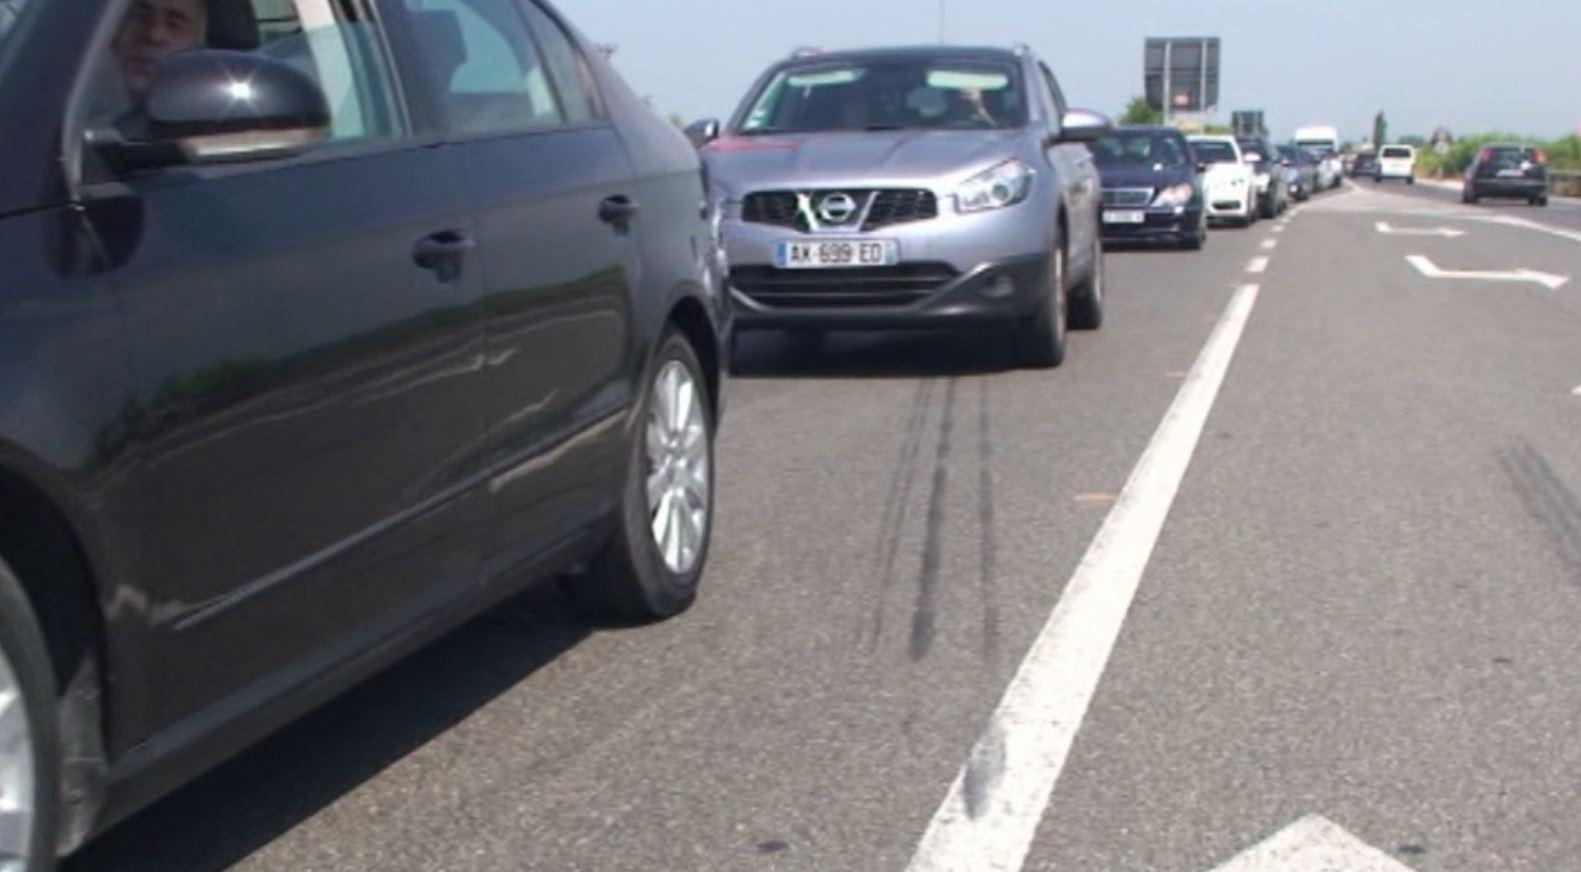 Trafik i madh në rrugën Fushë Krujë – Thumanë